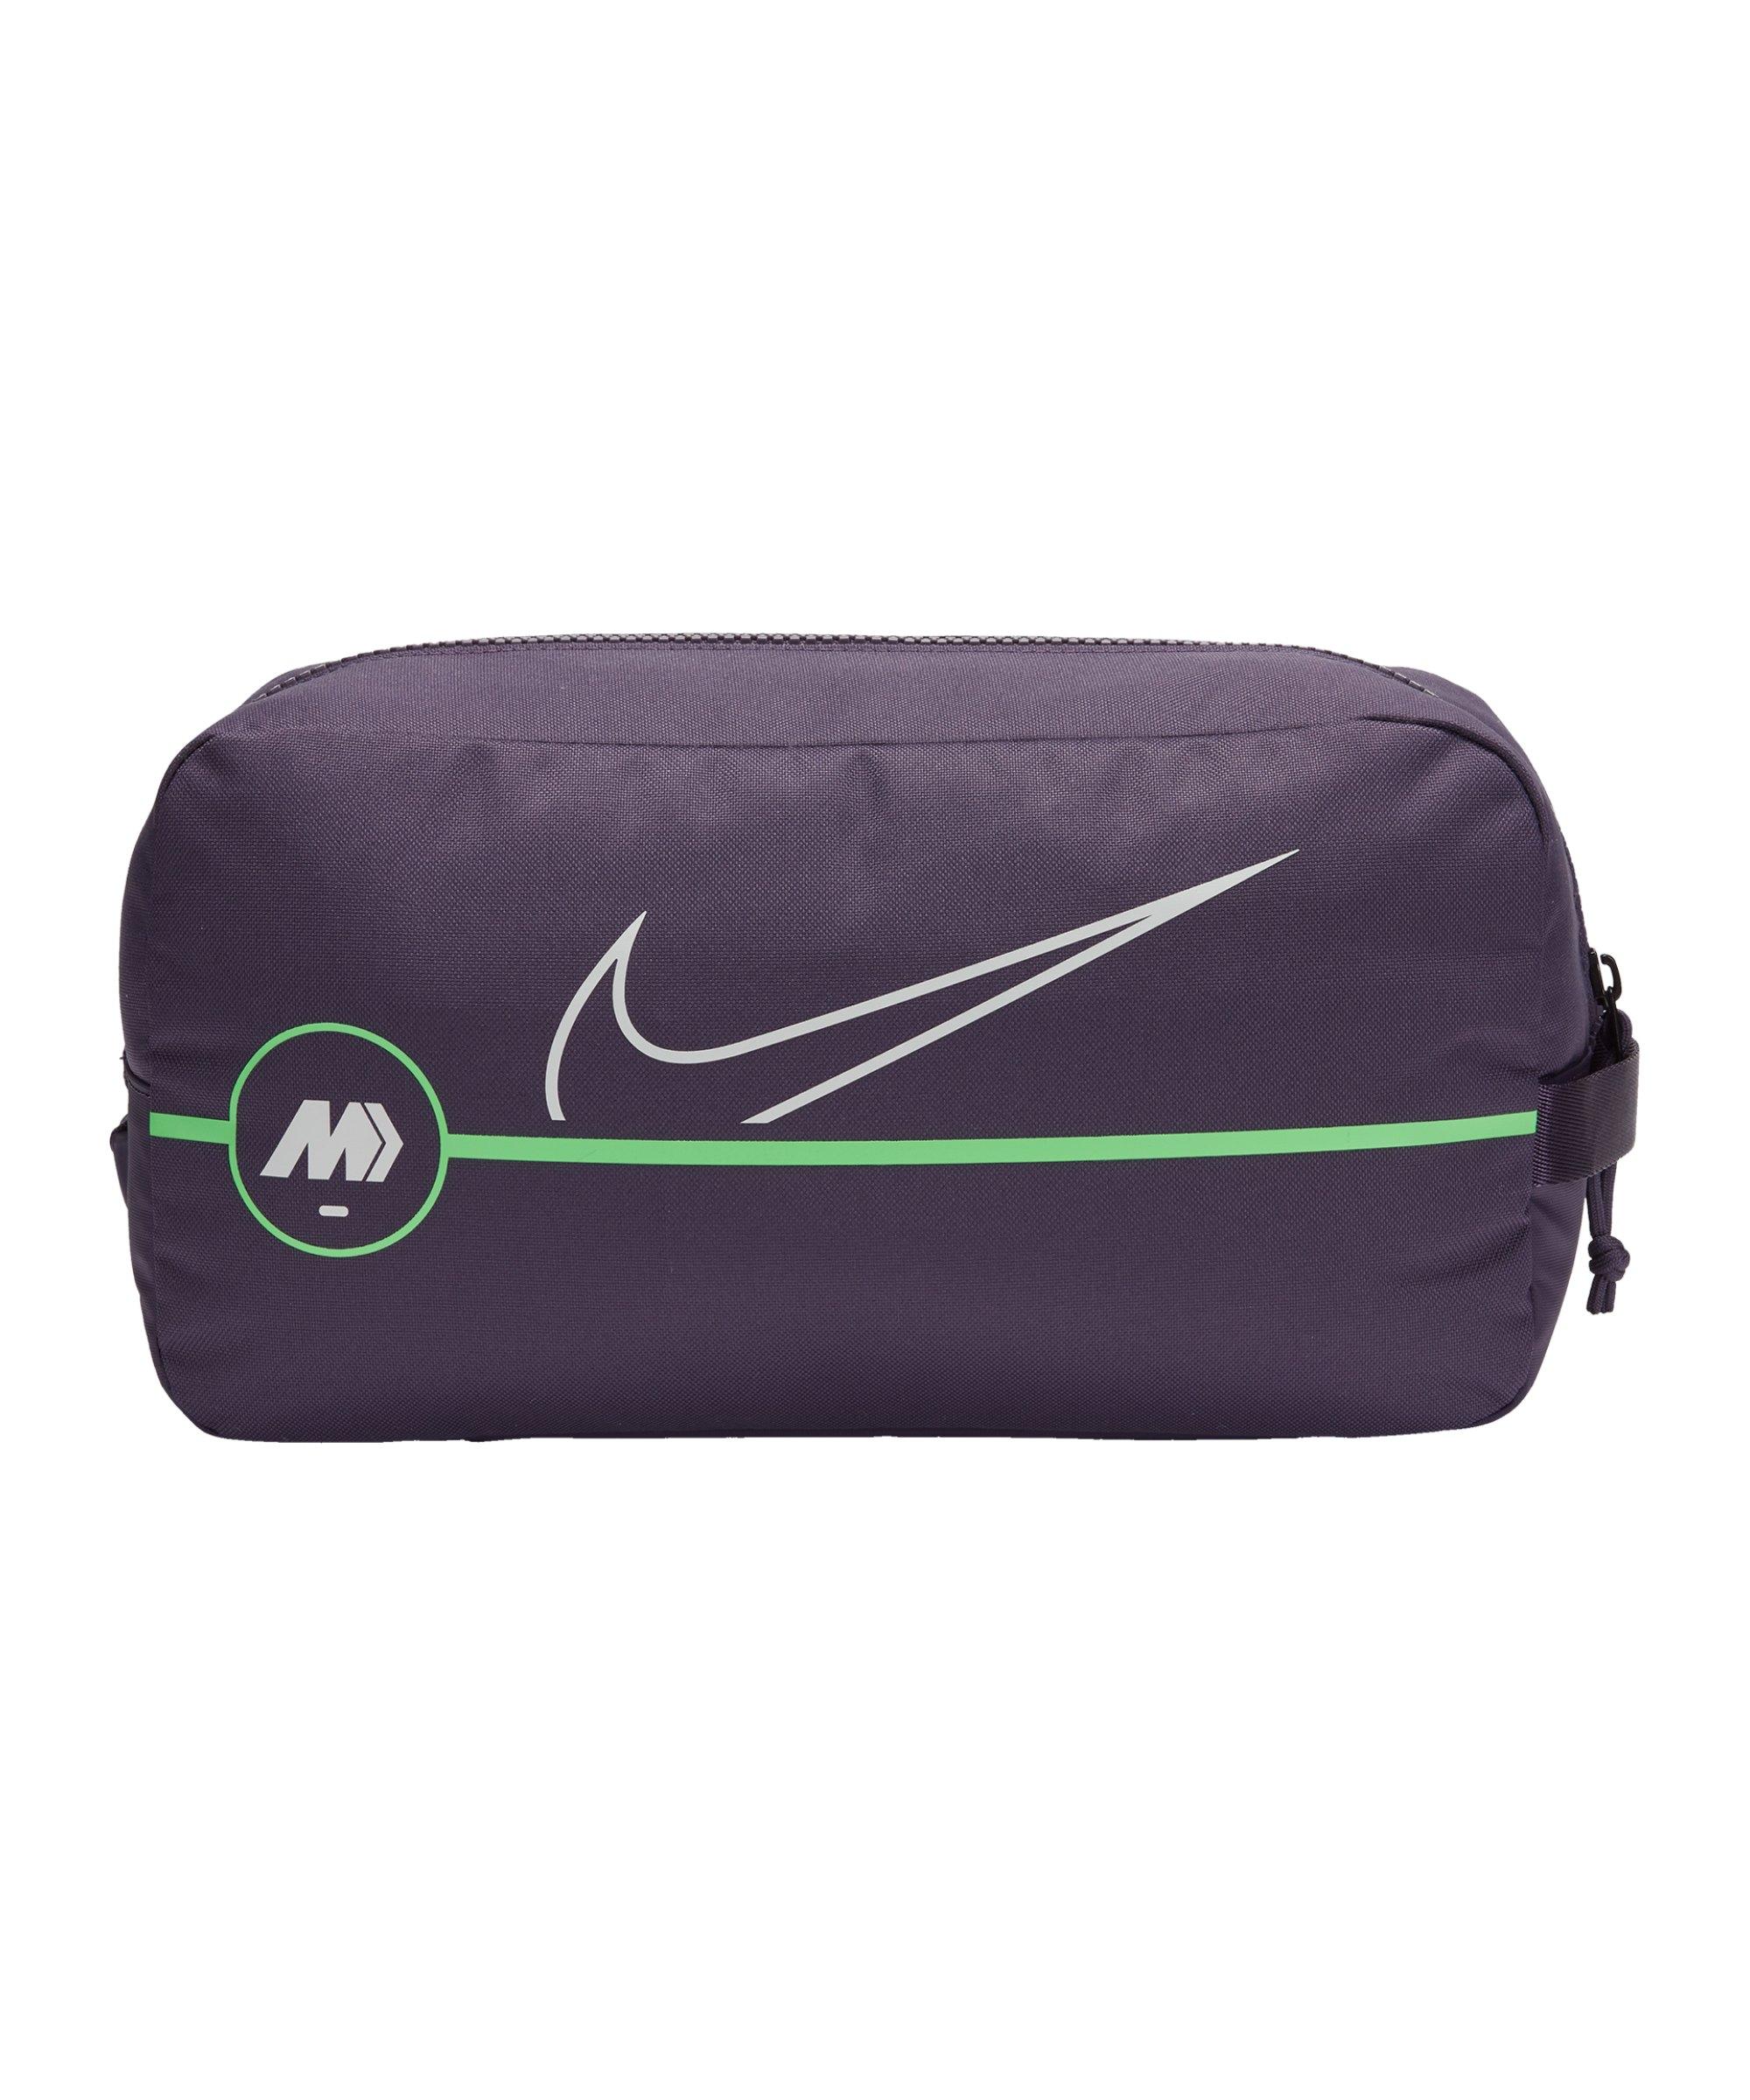 Nike Mercurial Schuhtasche Lila F573 - lila